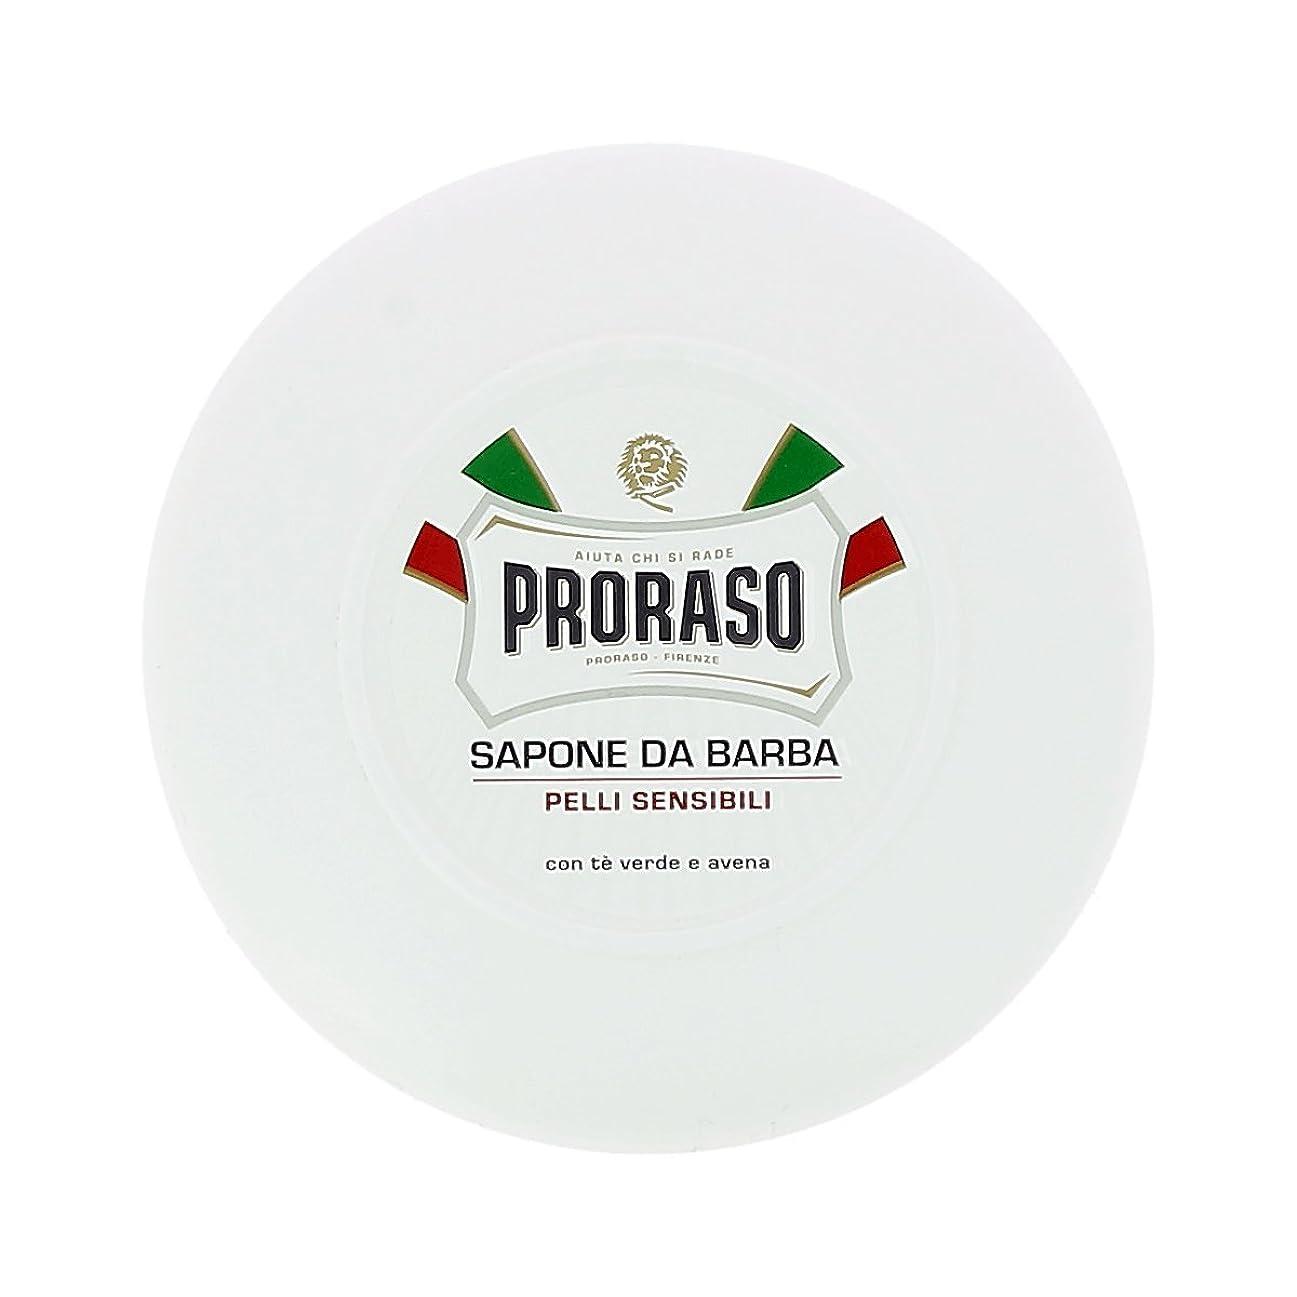 統合割れ目常習者Proraso イタリアン センシティブシェービングソープ&ボウル 150ml[海外直送品] [並行輸入品]